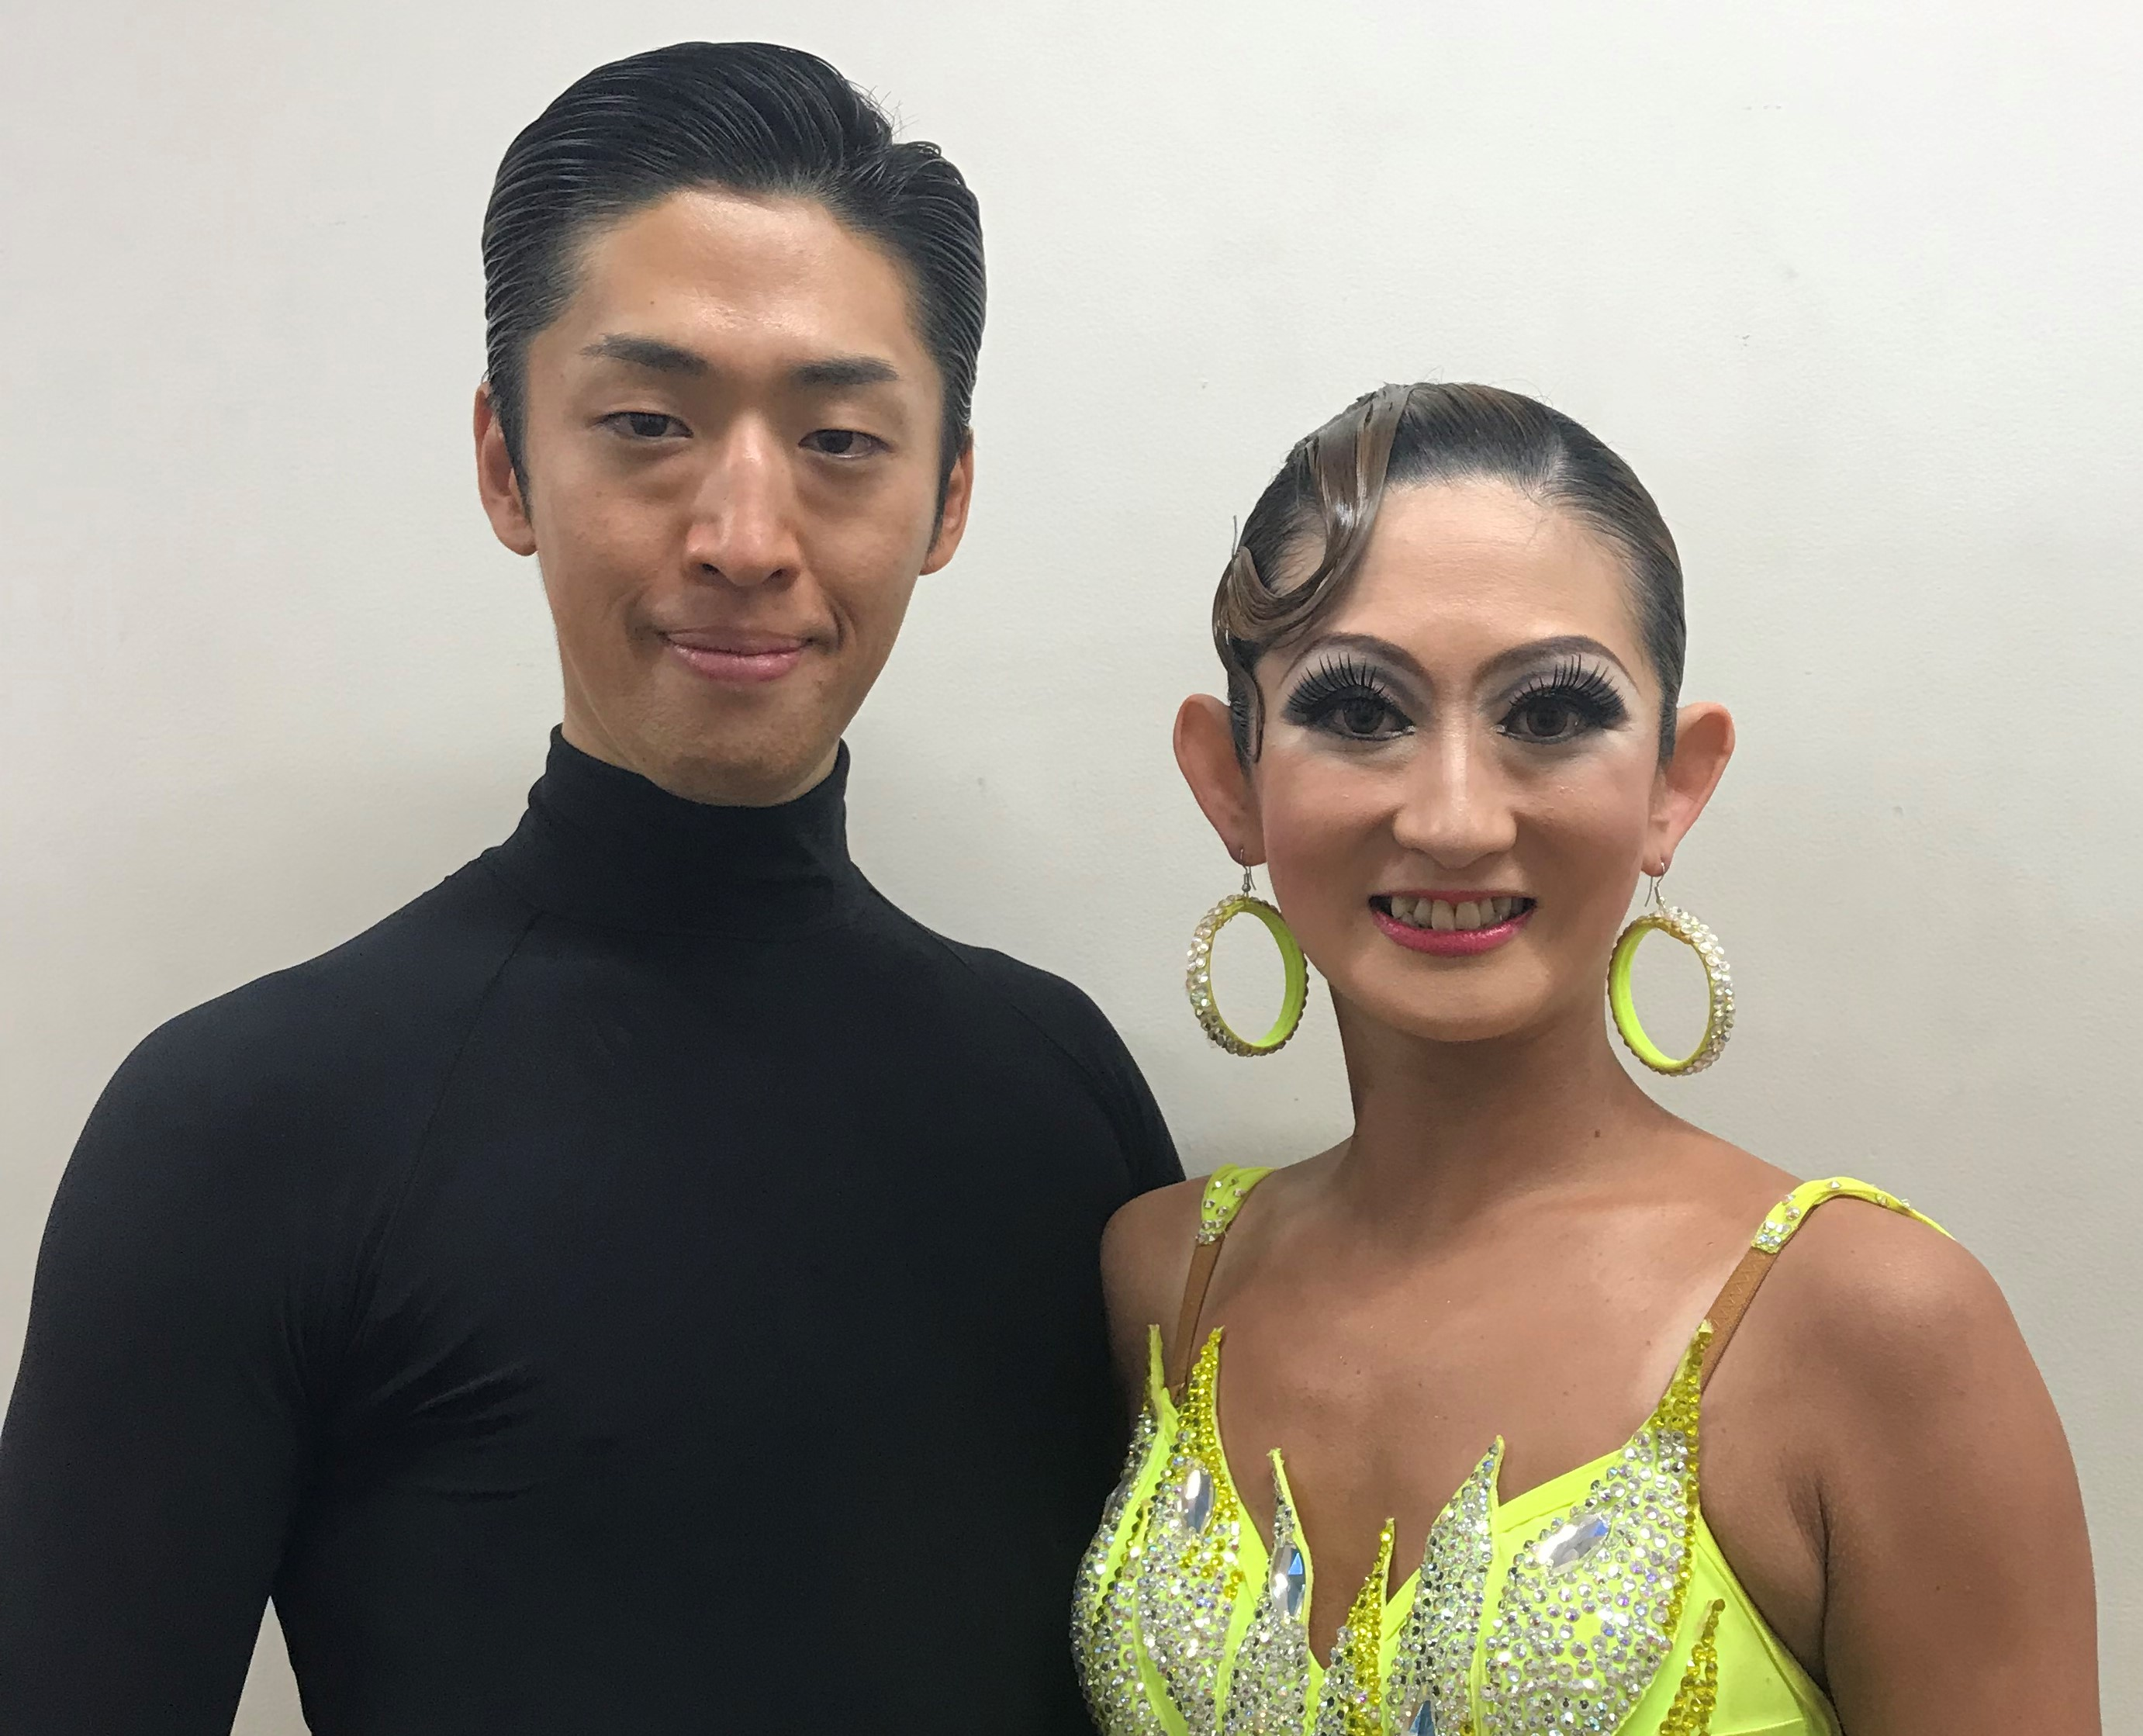 ムーアカップ|NATD杯|後楽園ホール|社交ダンス|結果|JBDF